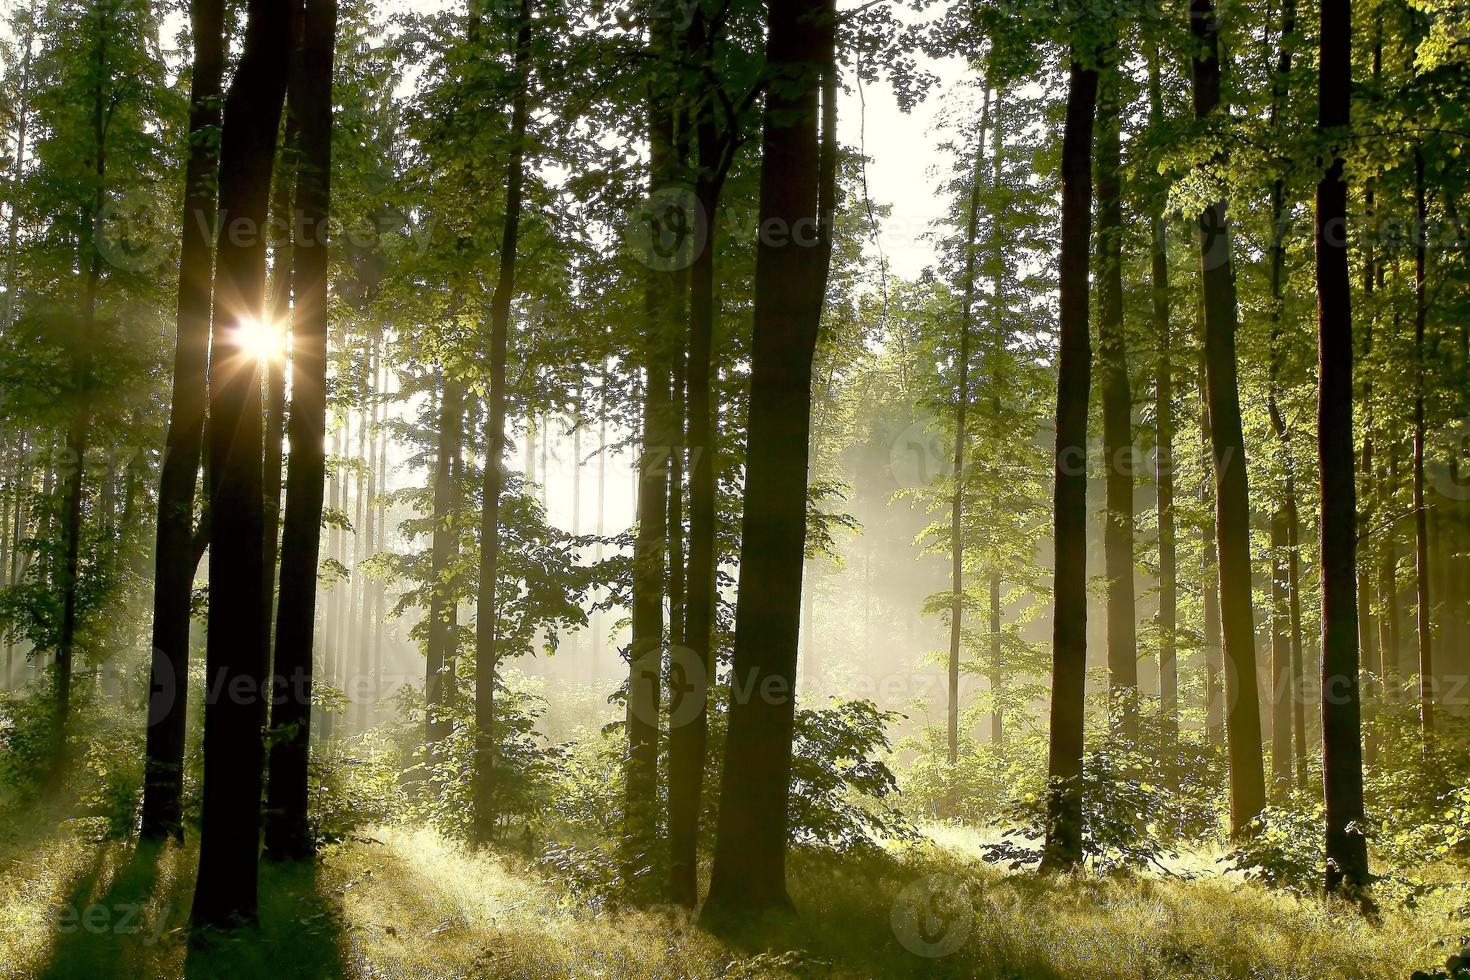 una nebbiosa mattina di primavera nel profondo di una foresta foto